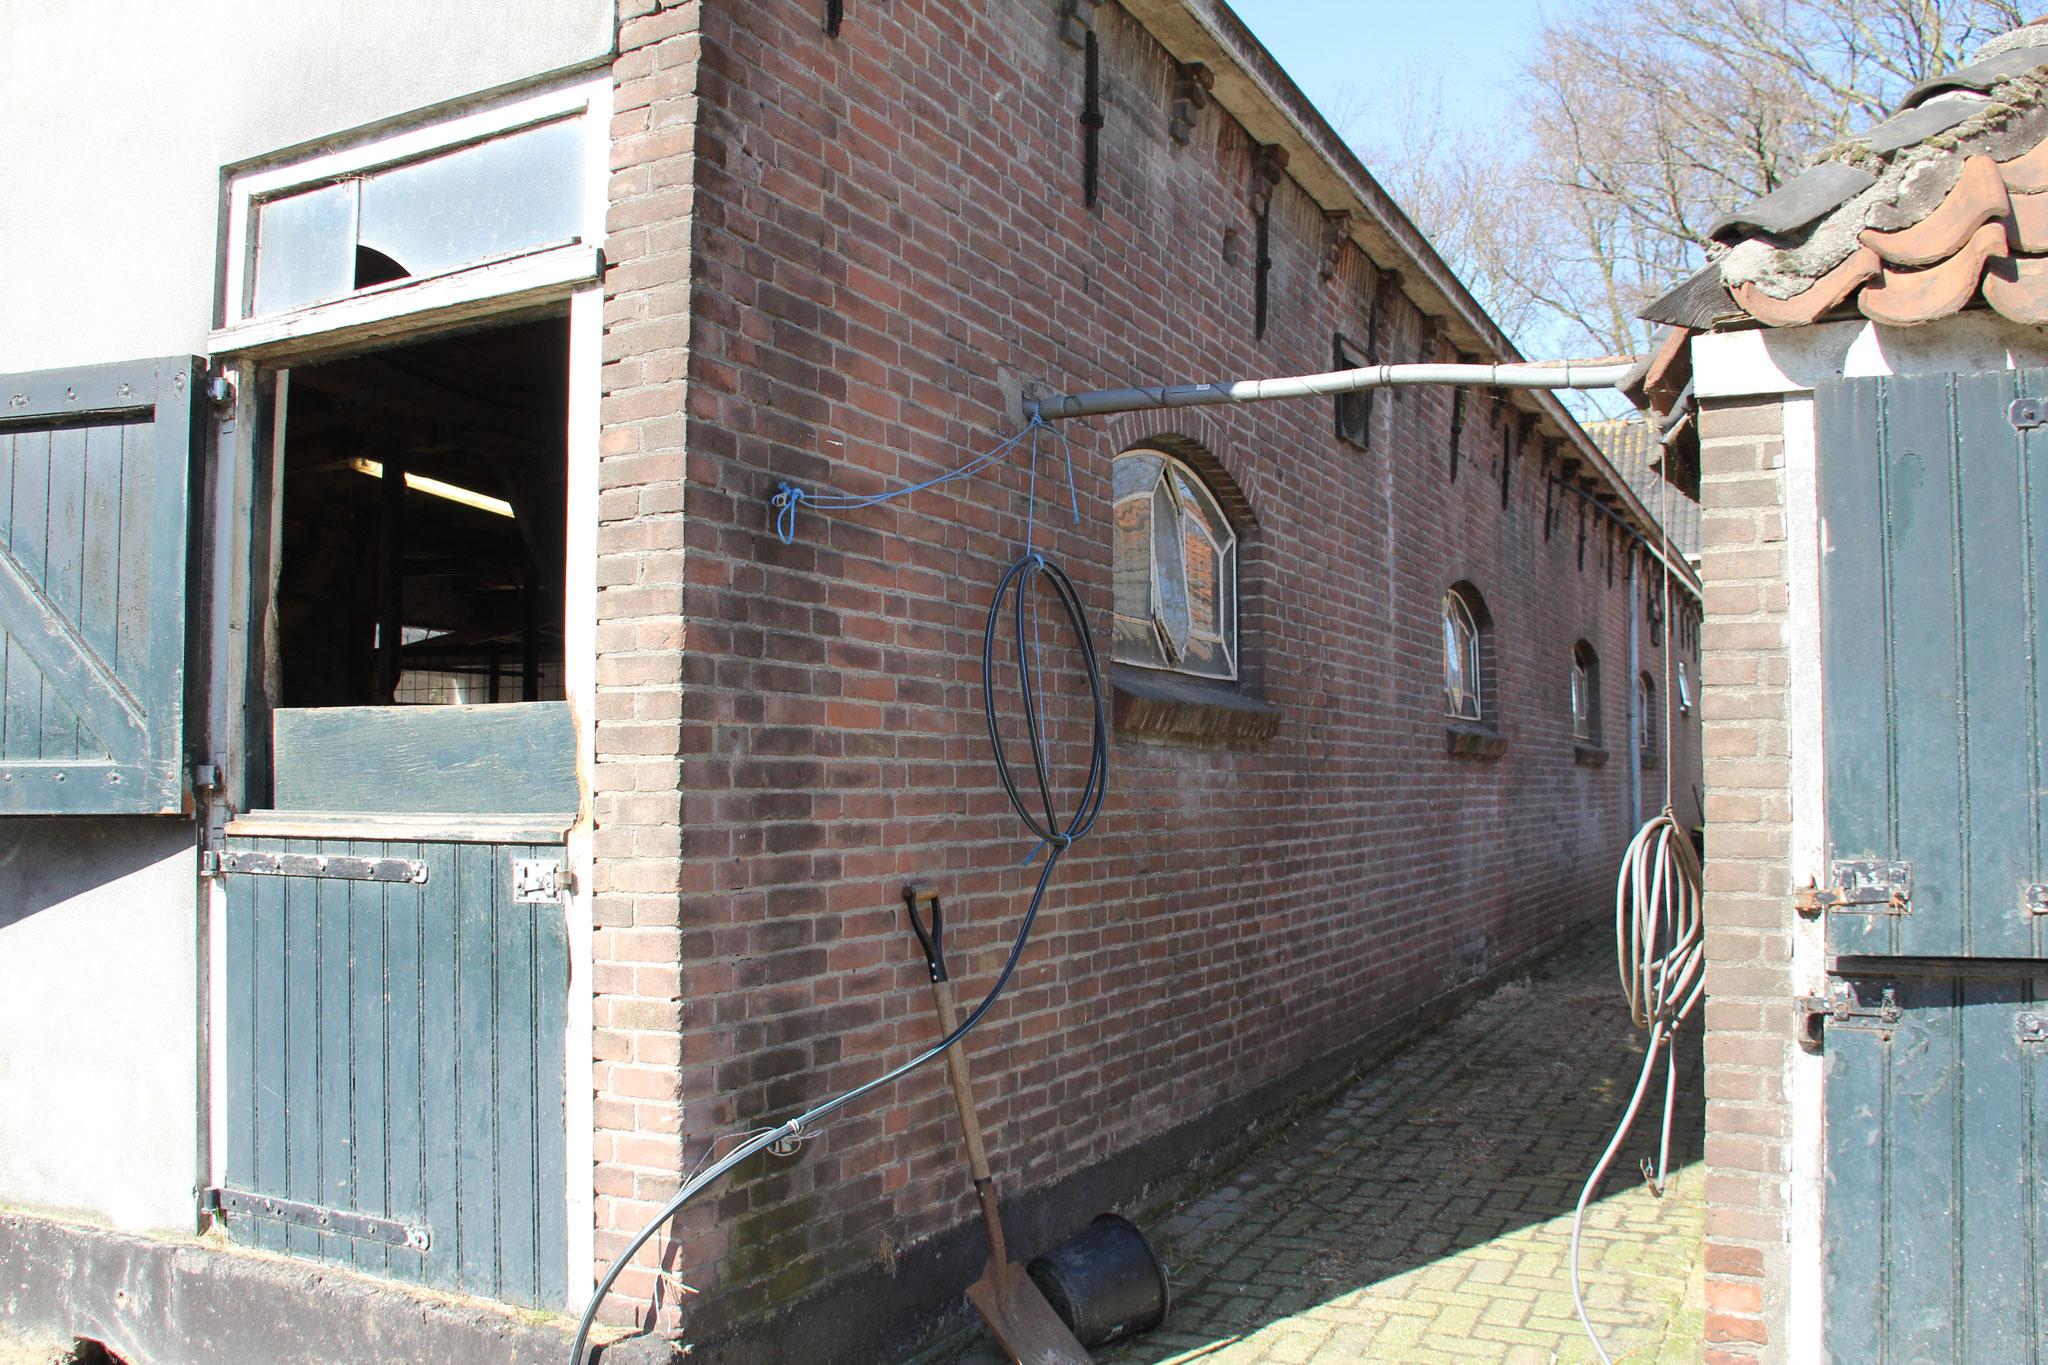 Zijgevel van het achterhuis, opnieuw gebouwd in 1950-1960 op betonfundering